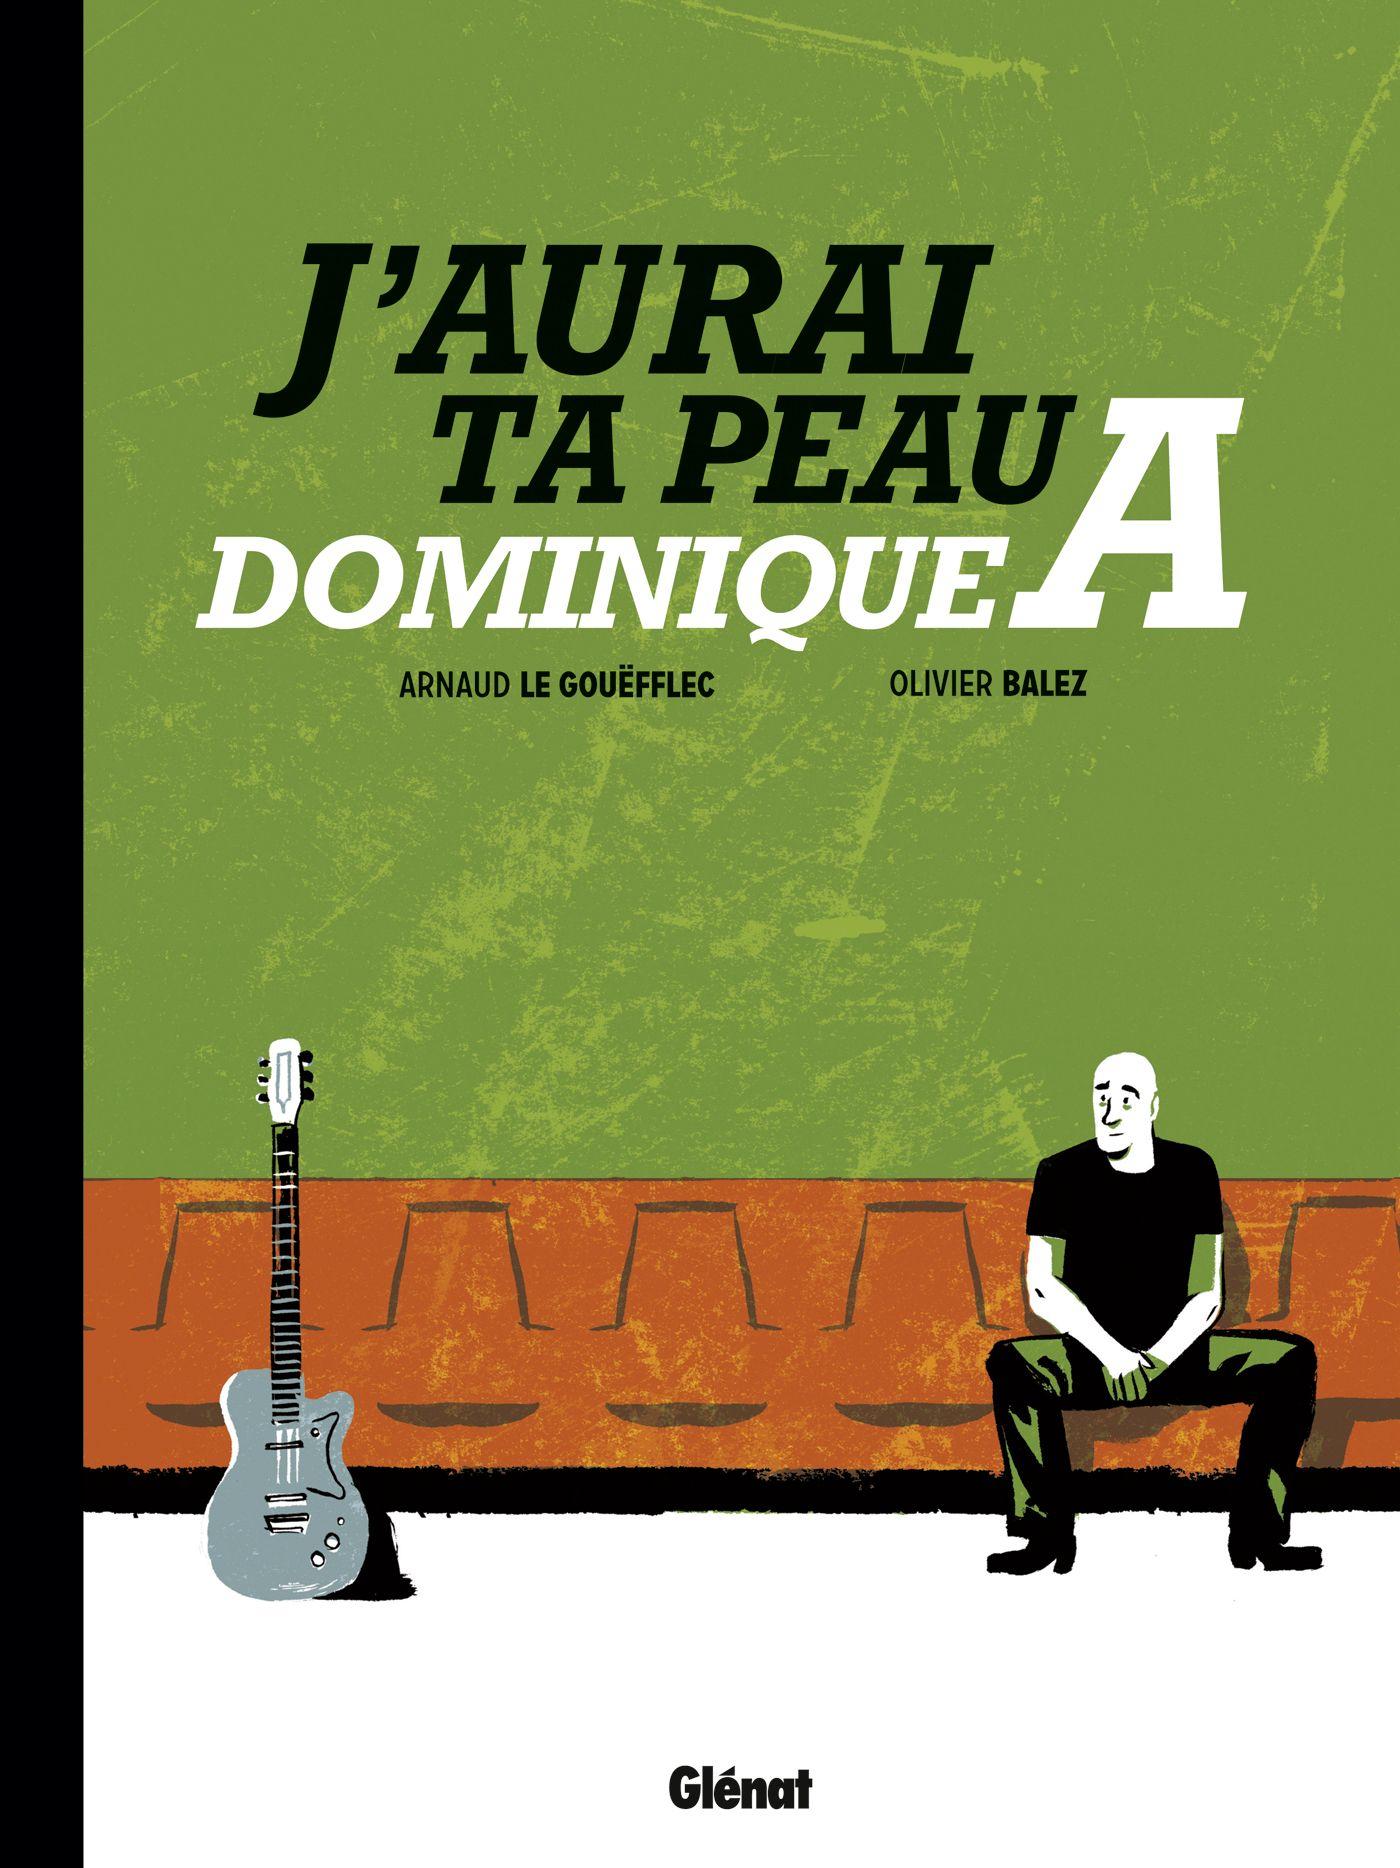 J'aurai ta peau Dominique A : Arnaud Le Gouefflec, Olivier Balez - BD